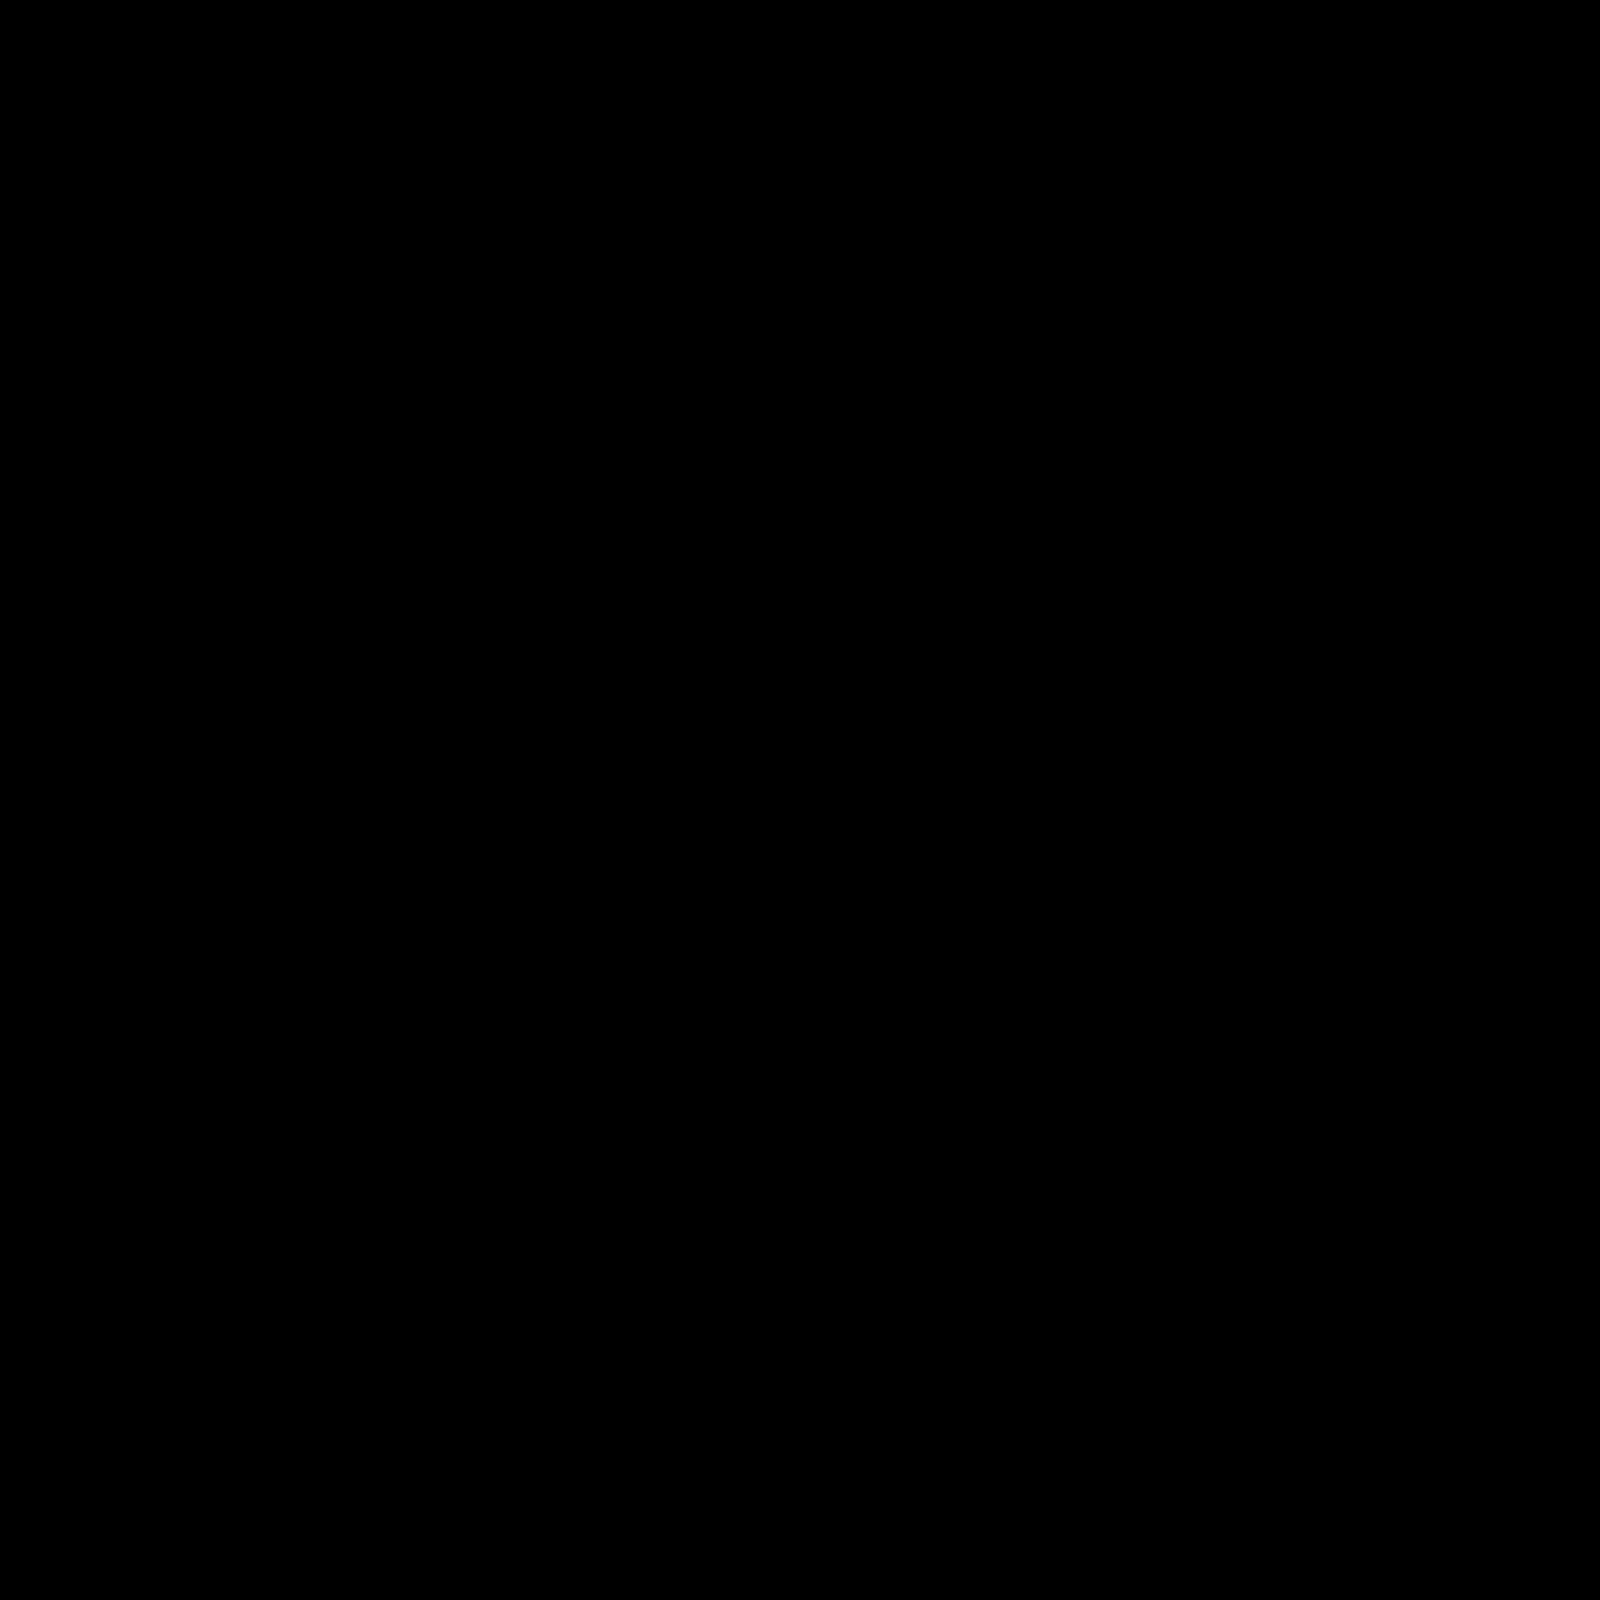 Wypełniona Kosz icon